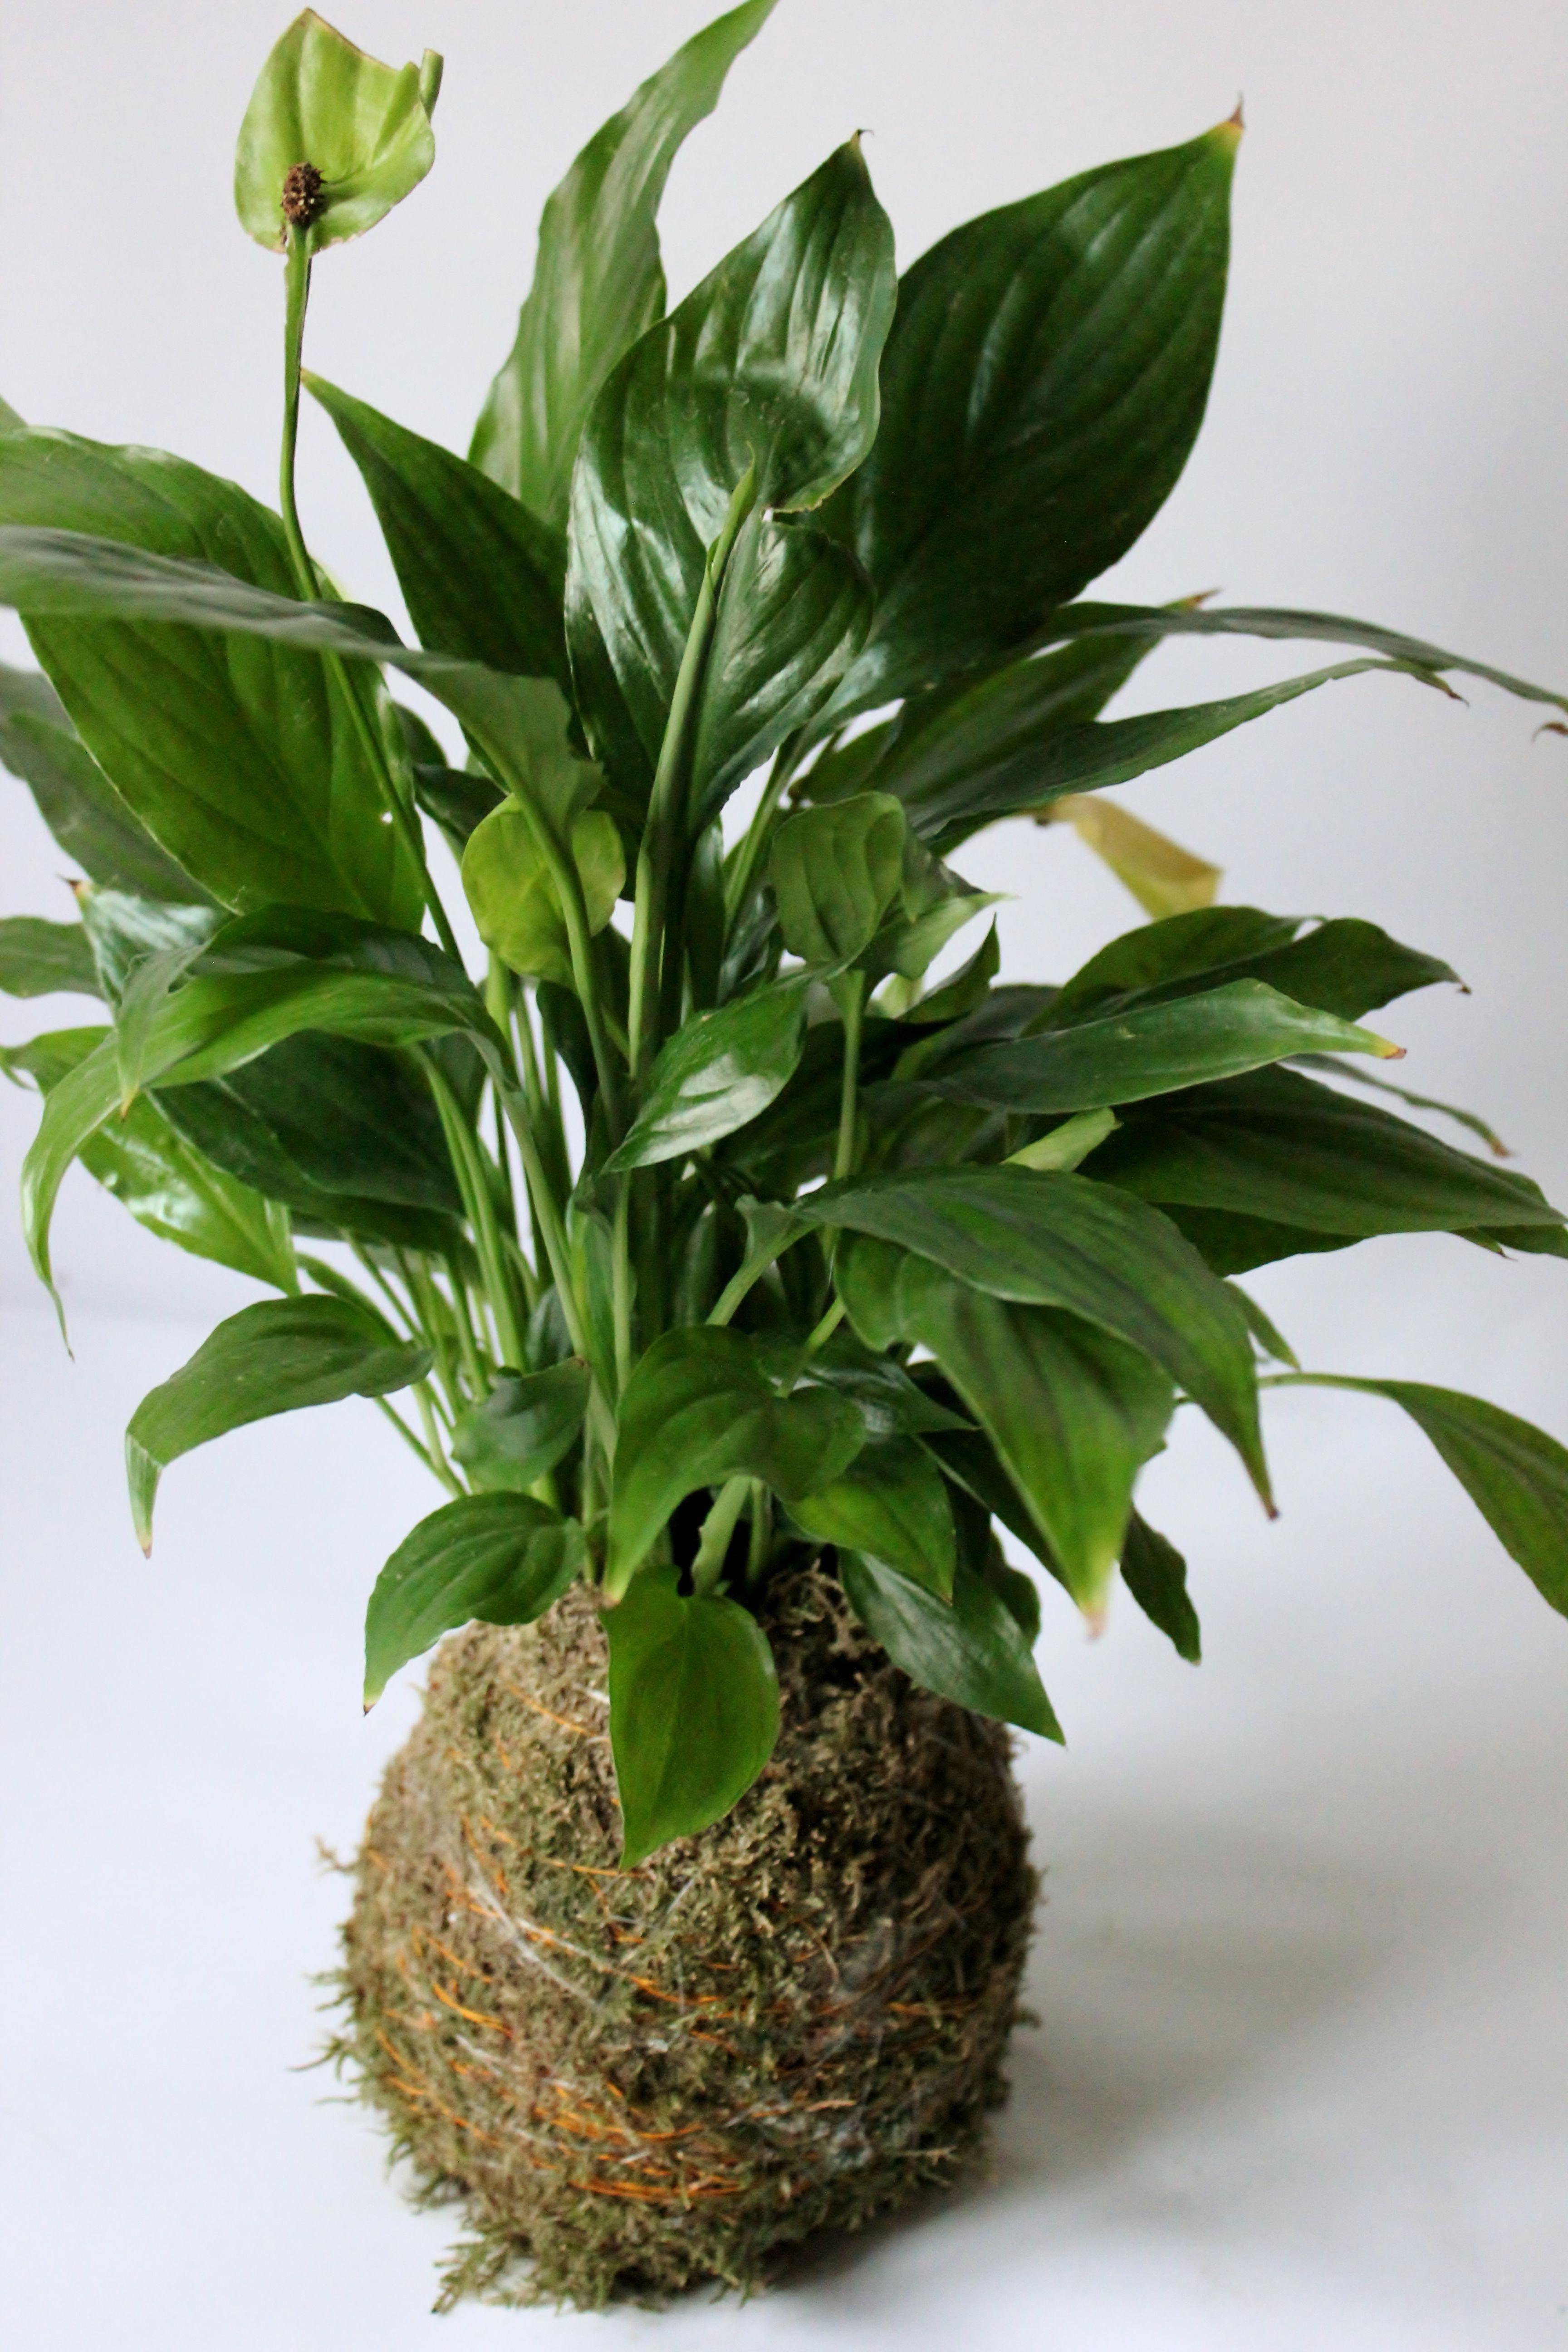 Kokedama spathiphyllum. Es una de las preferidas a la hora de hacer un regalo a cualquier amante de las plantas. Como el resto de Kokedamas se puede elaborar de varios tamaños. #kokedamas #regaloperfecto #leavesdesign #Adornosflorales